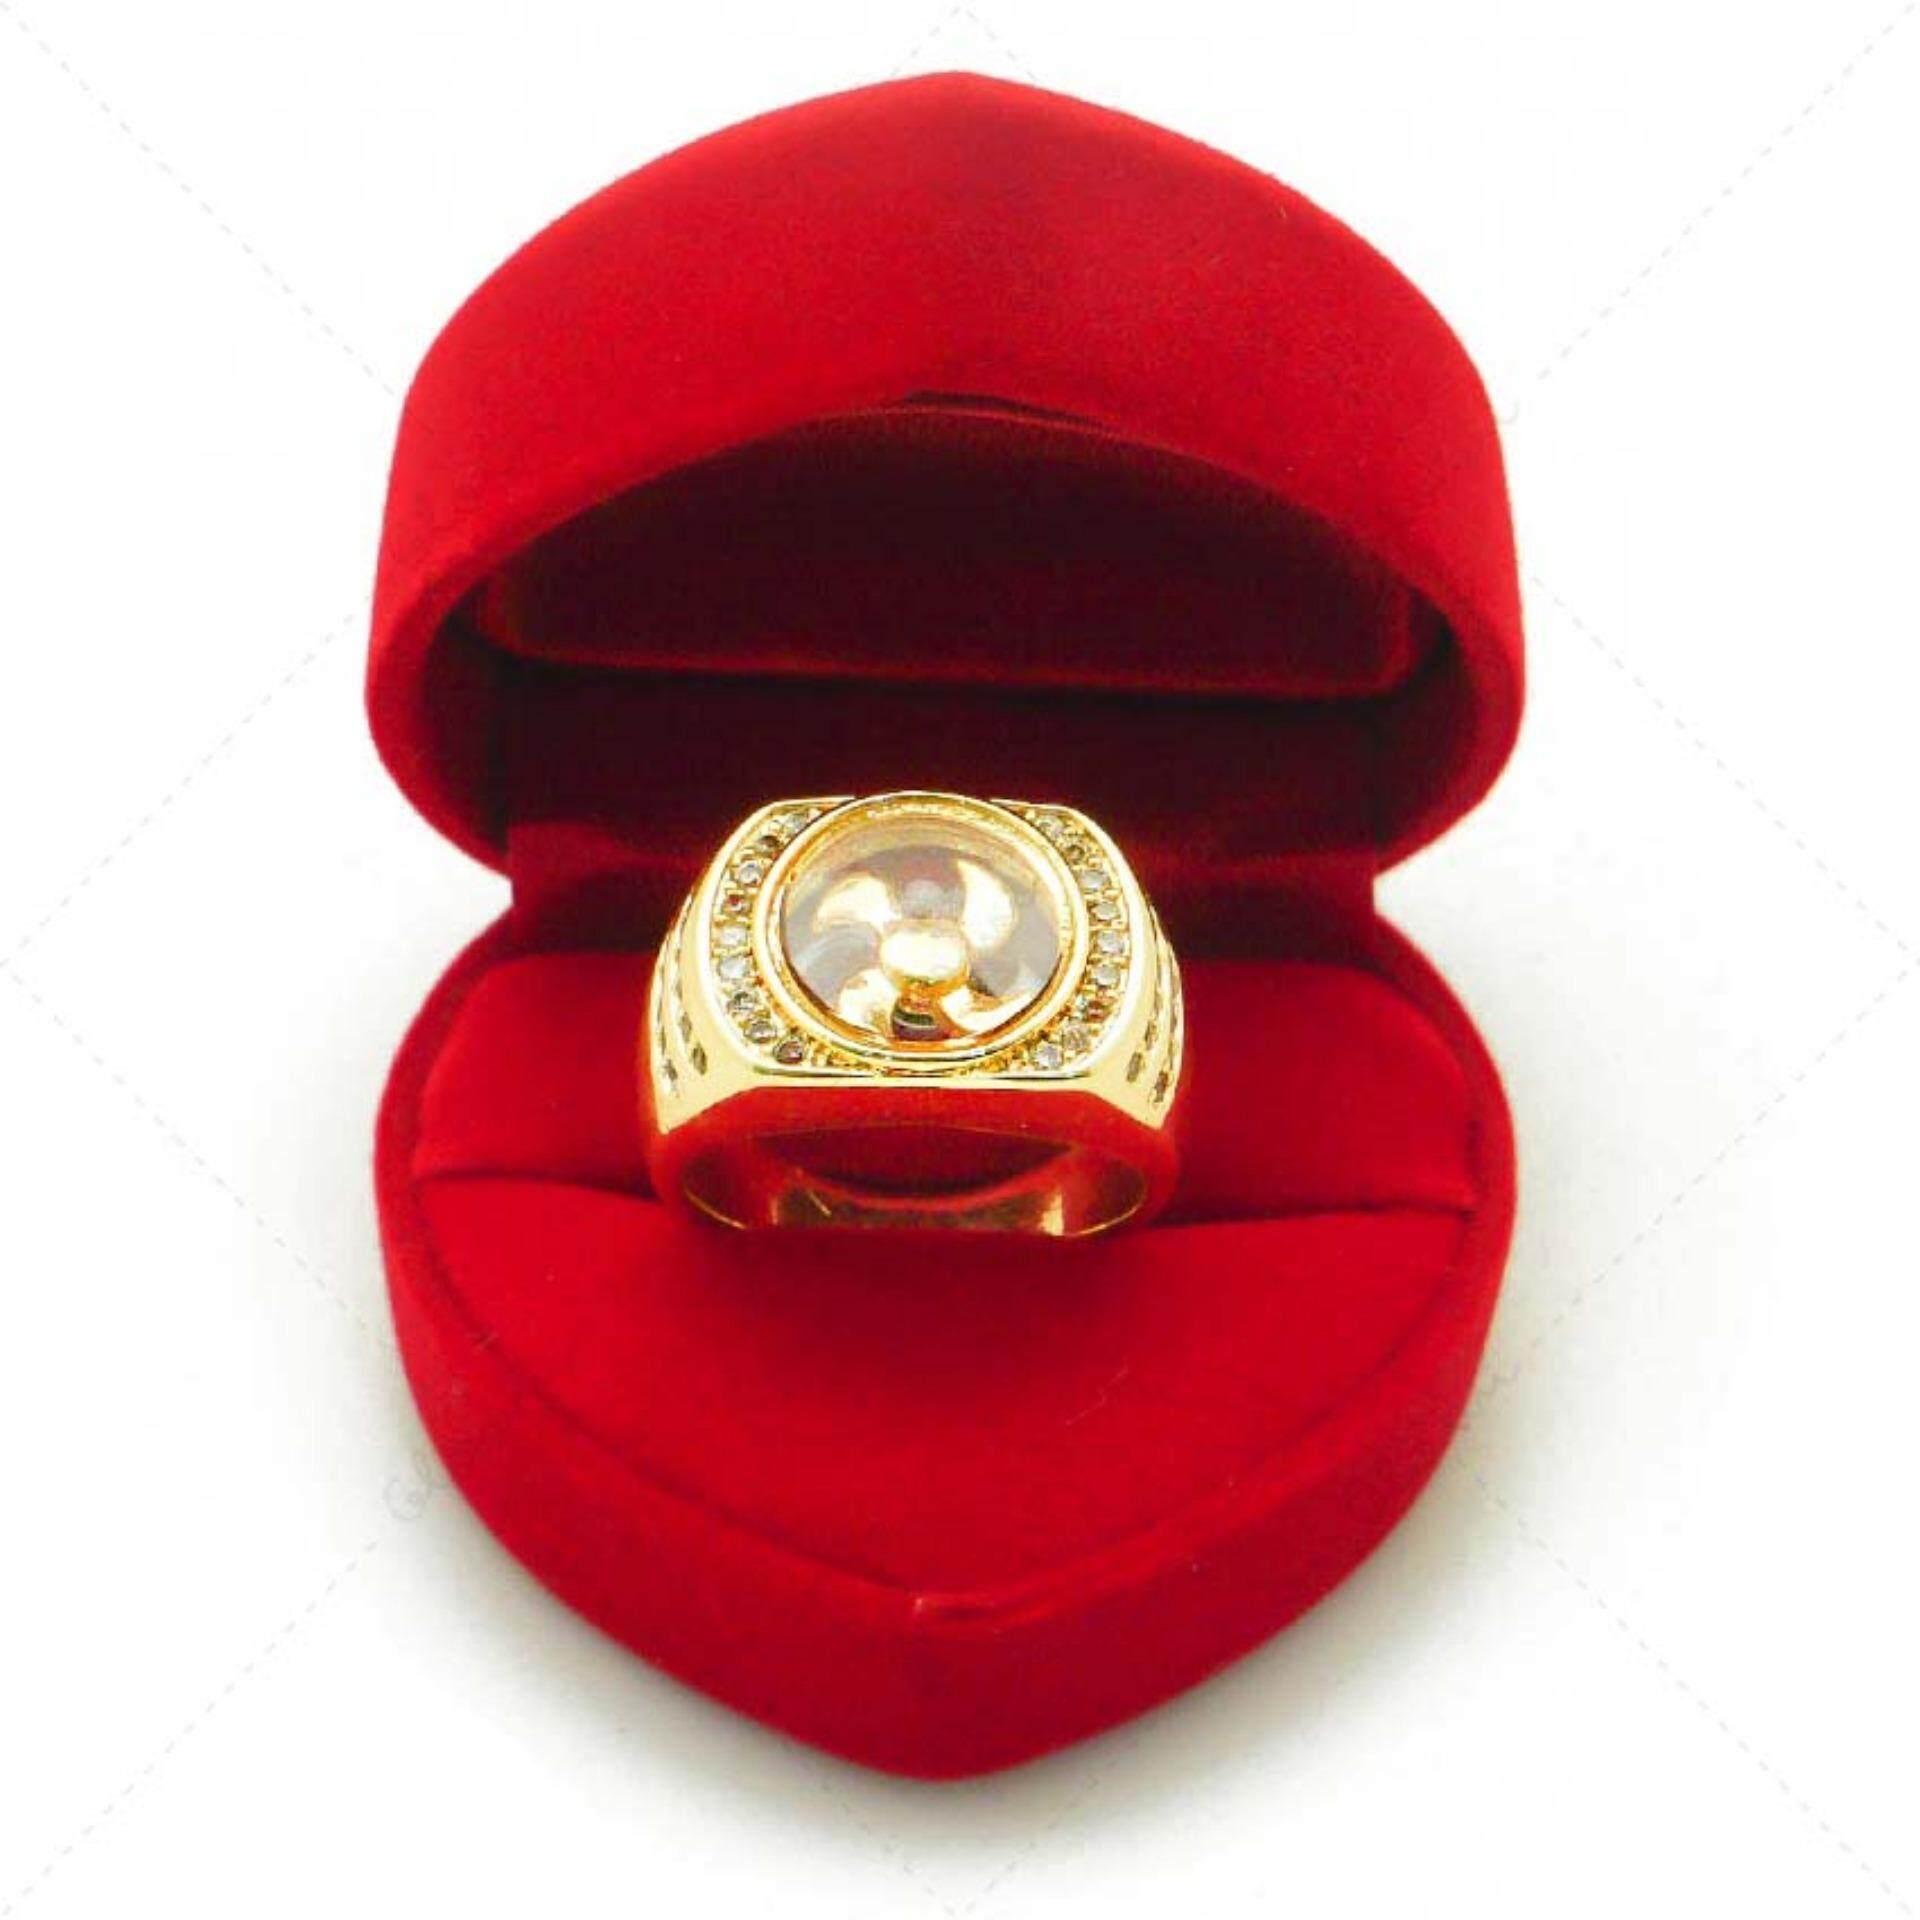 ขาย Bewi G แหวนผู้หญิง สไตล์ แหวนเสริมดวง Ring แหวนกังหัน นำโชค แชกงหมิว กังหันหมุนได้ ประดับเพชร Cz ชุบทอง เหมือนทองแท้ หรูหรา รุ่น Bg R0032 สีทอง Gold ผู้ค้าส่ง